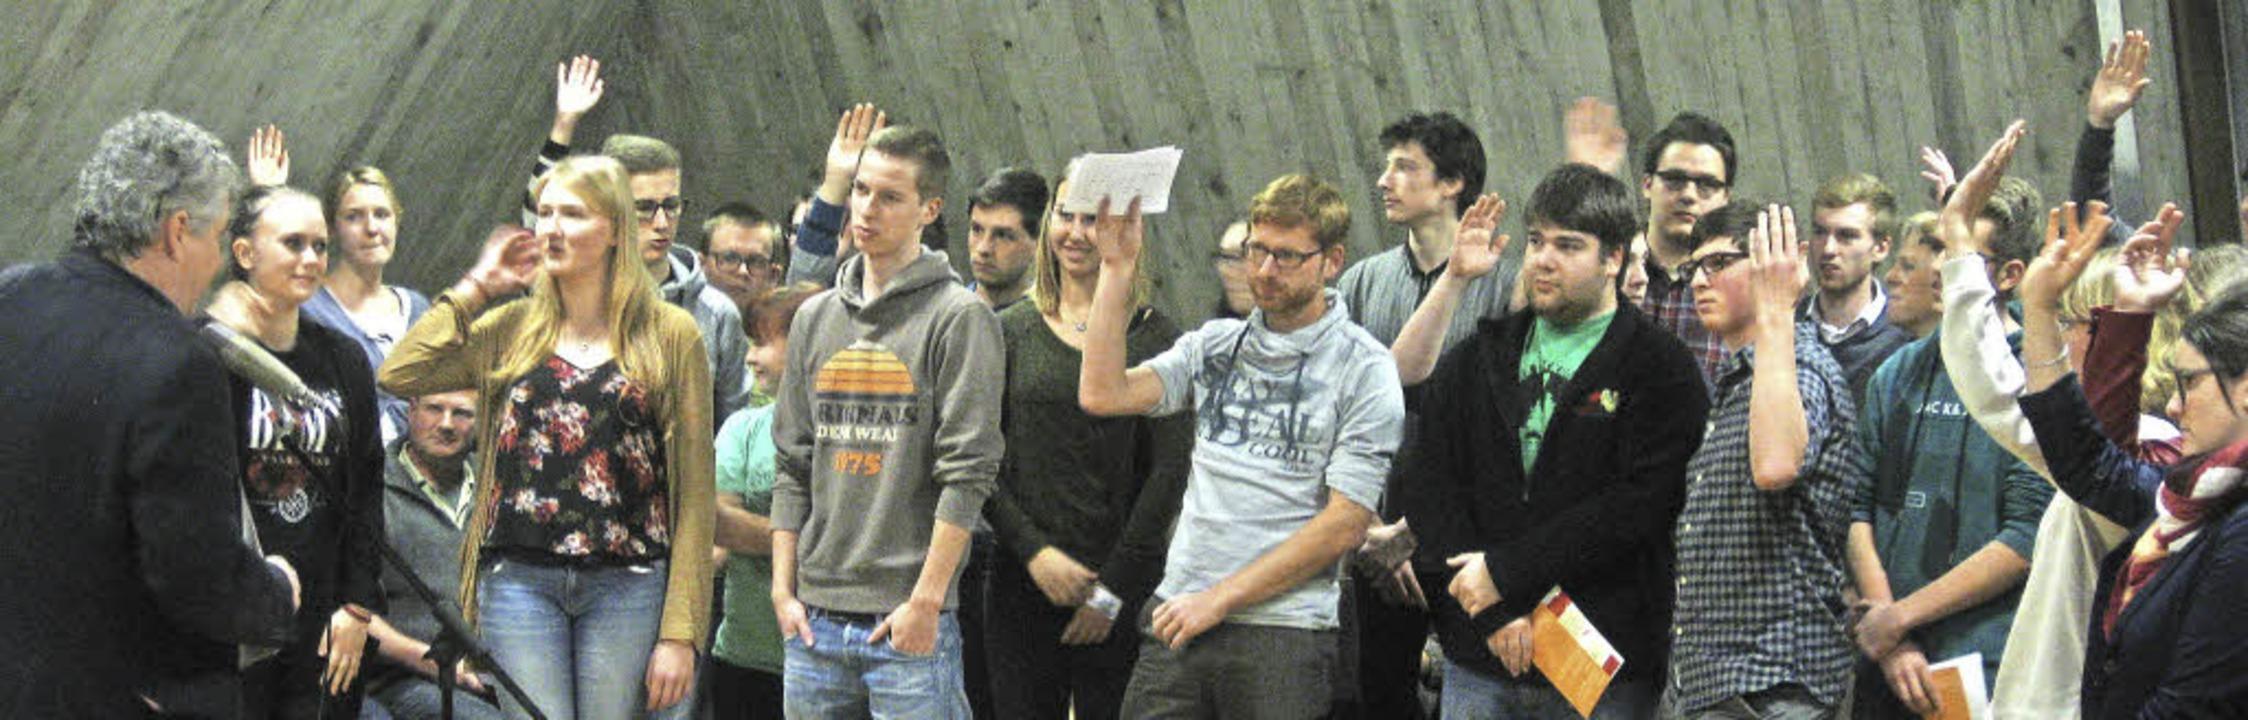 Im Vorfeld der jüngsten Landtagswahl h...nach einer Fortsetzung, die nun folgt.  | Foto: Archivfoto: Marco Kupfer